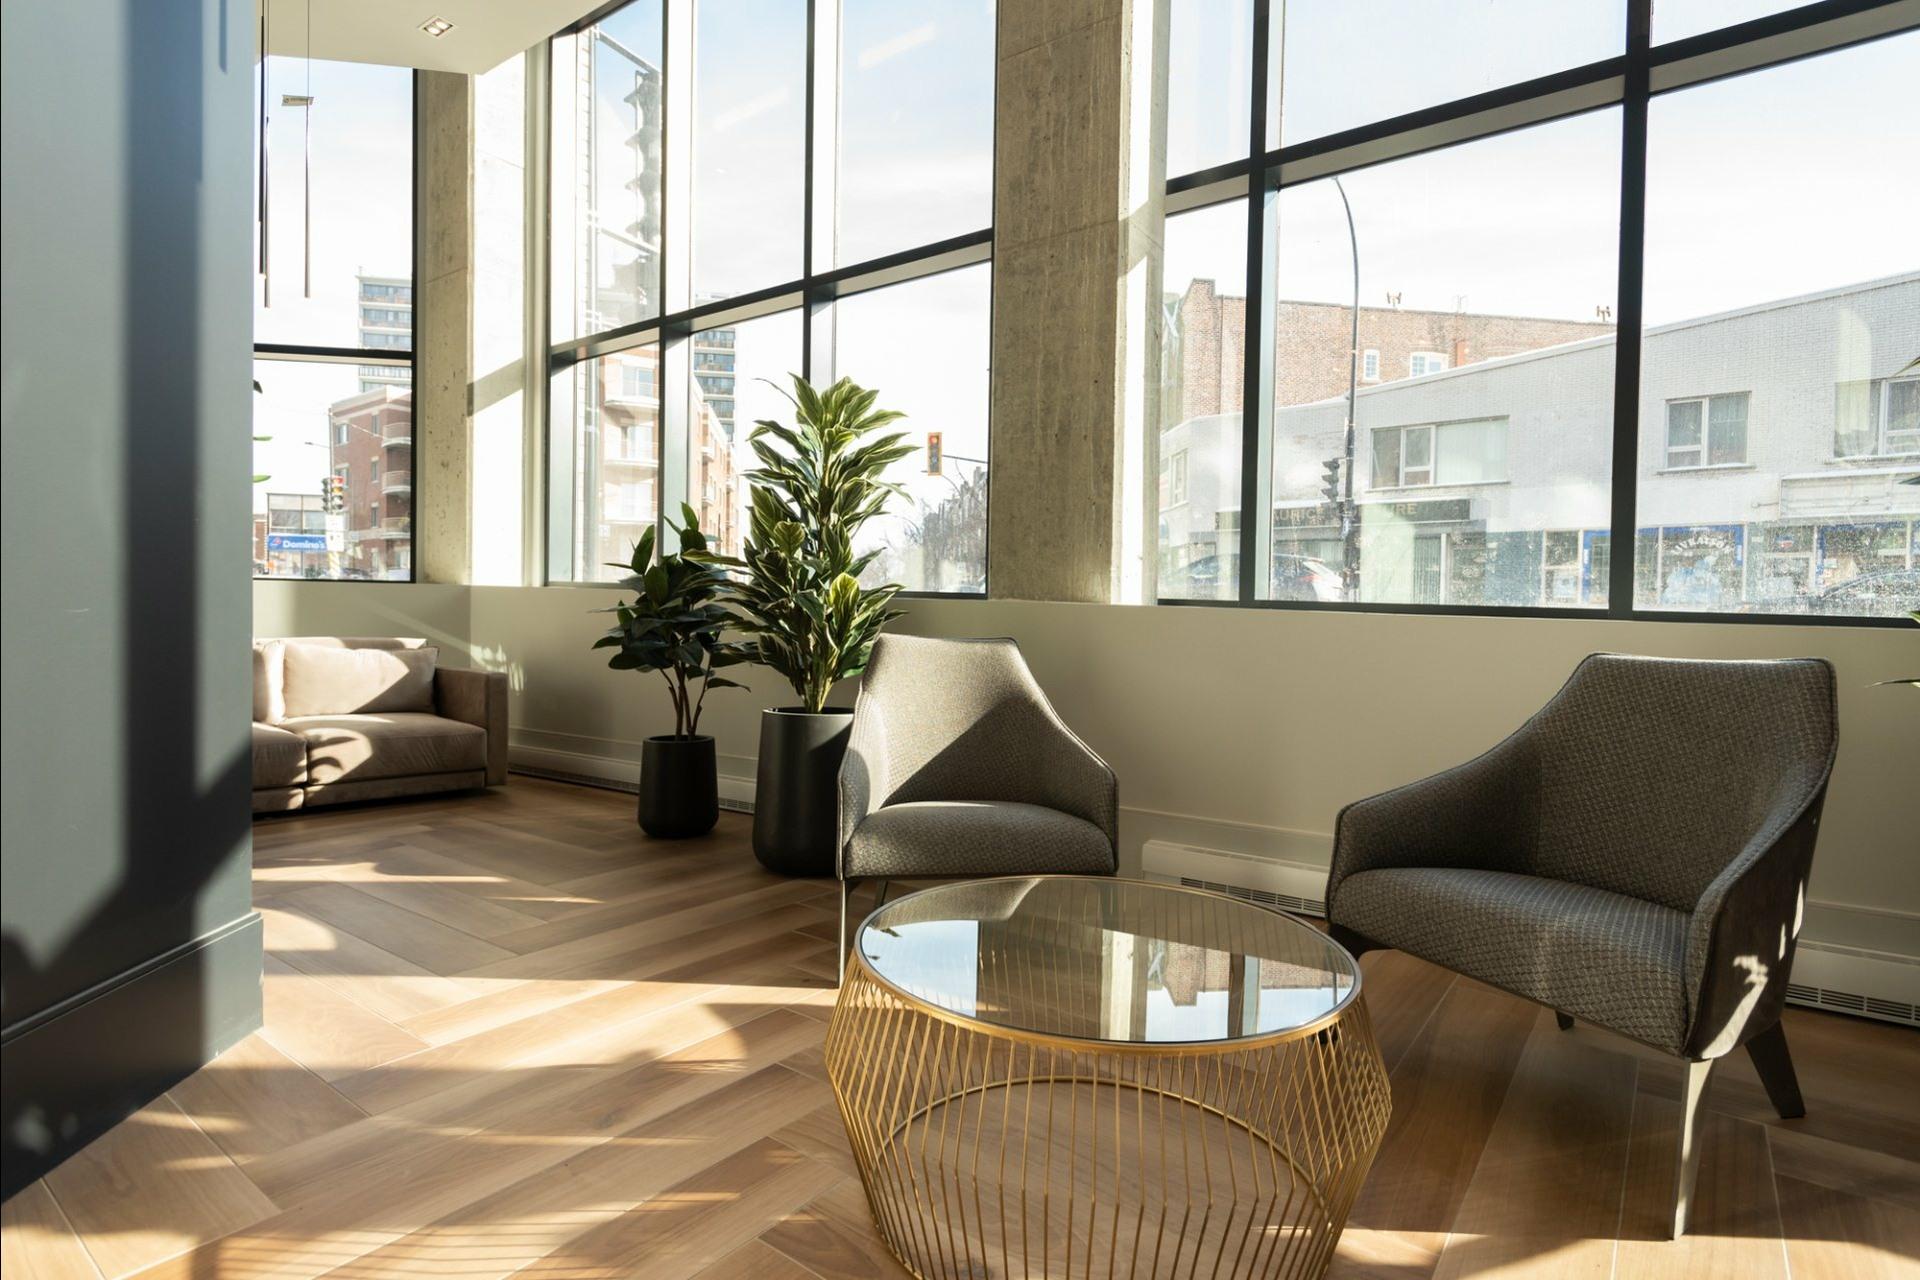 image 32 - Appartement À louer Côte-des-Neiges/Notre-Dame-de-Grâce Montréal  - 5 pièces